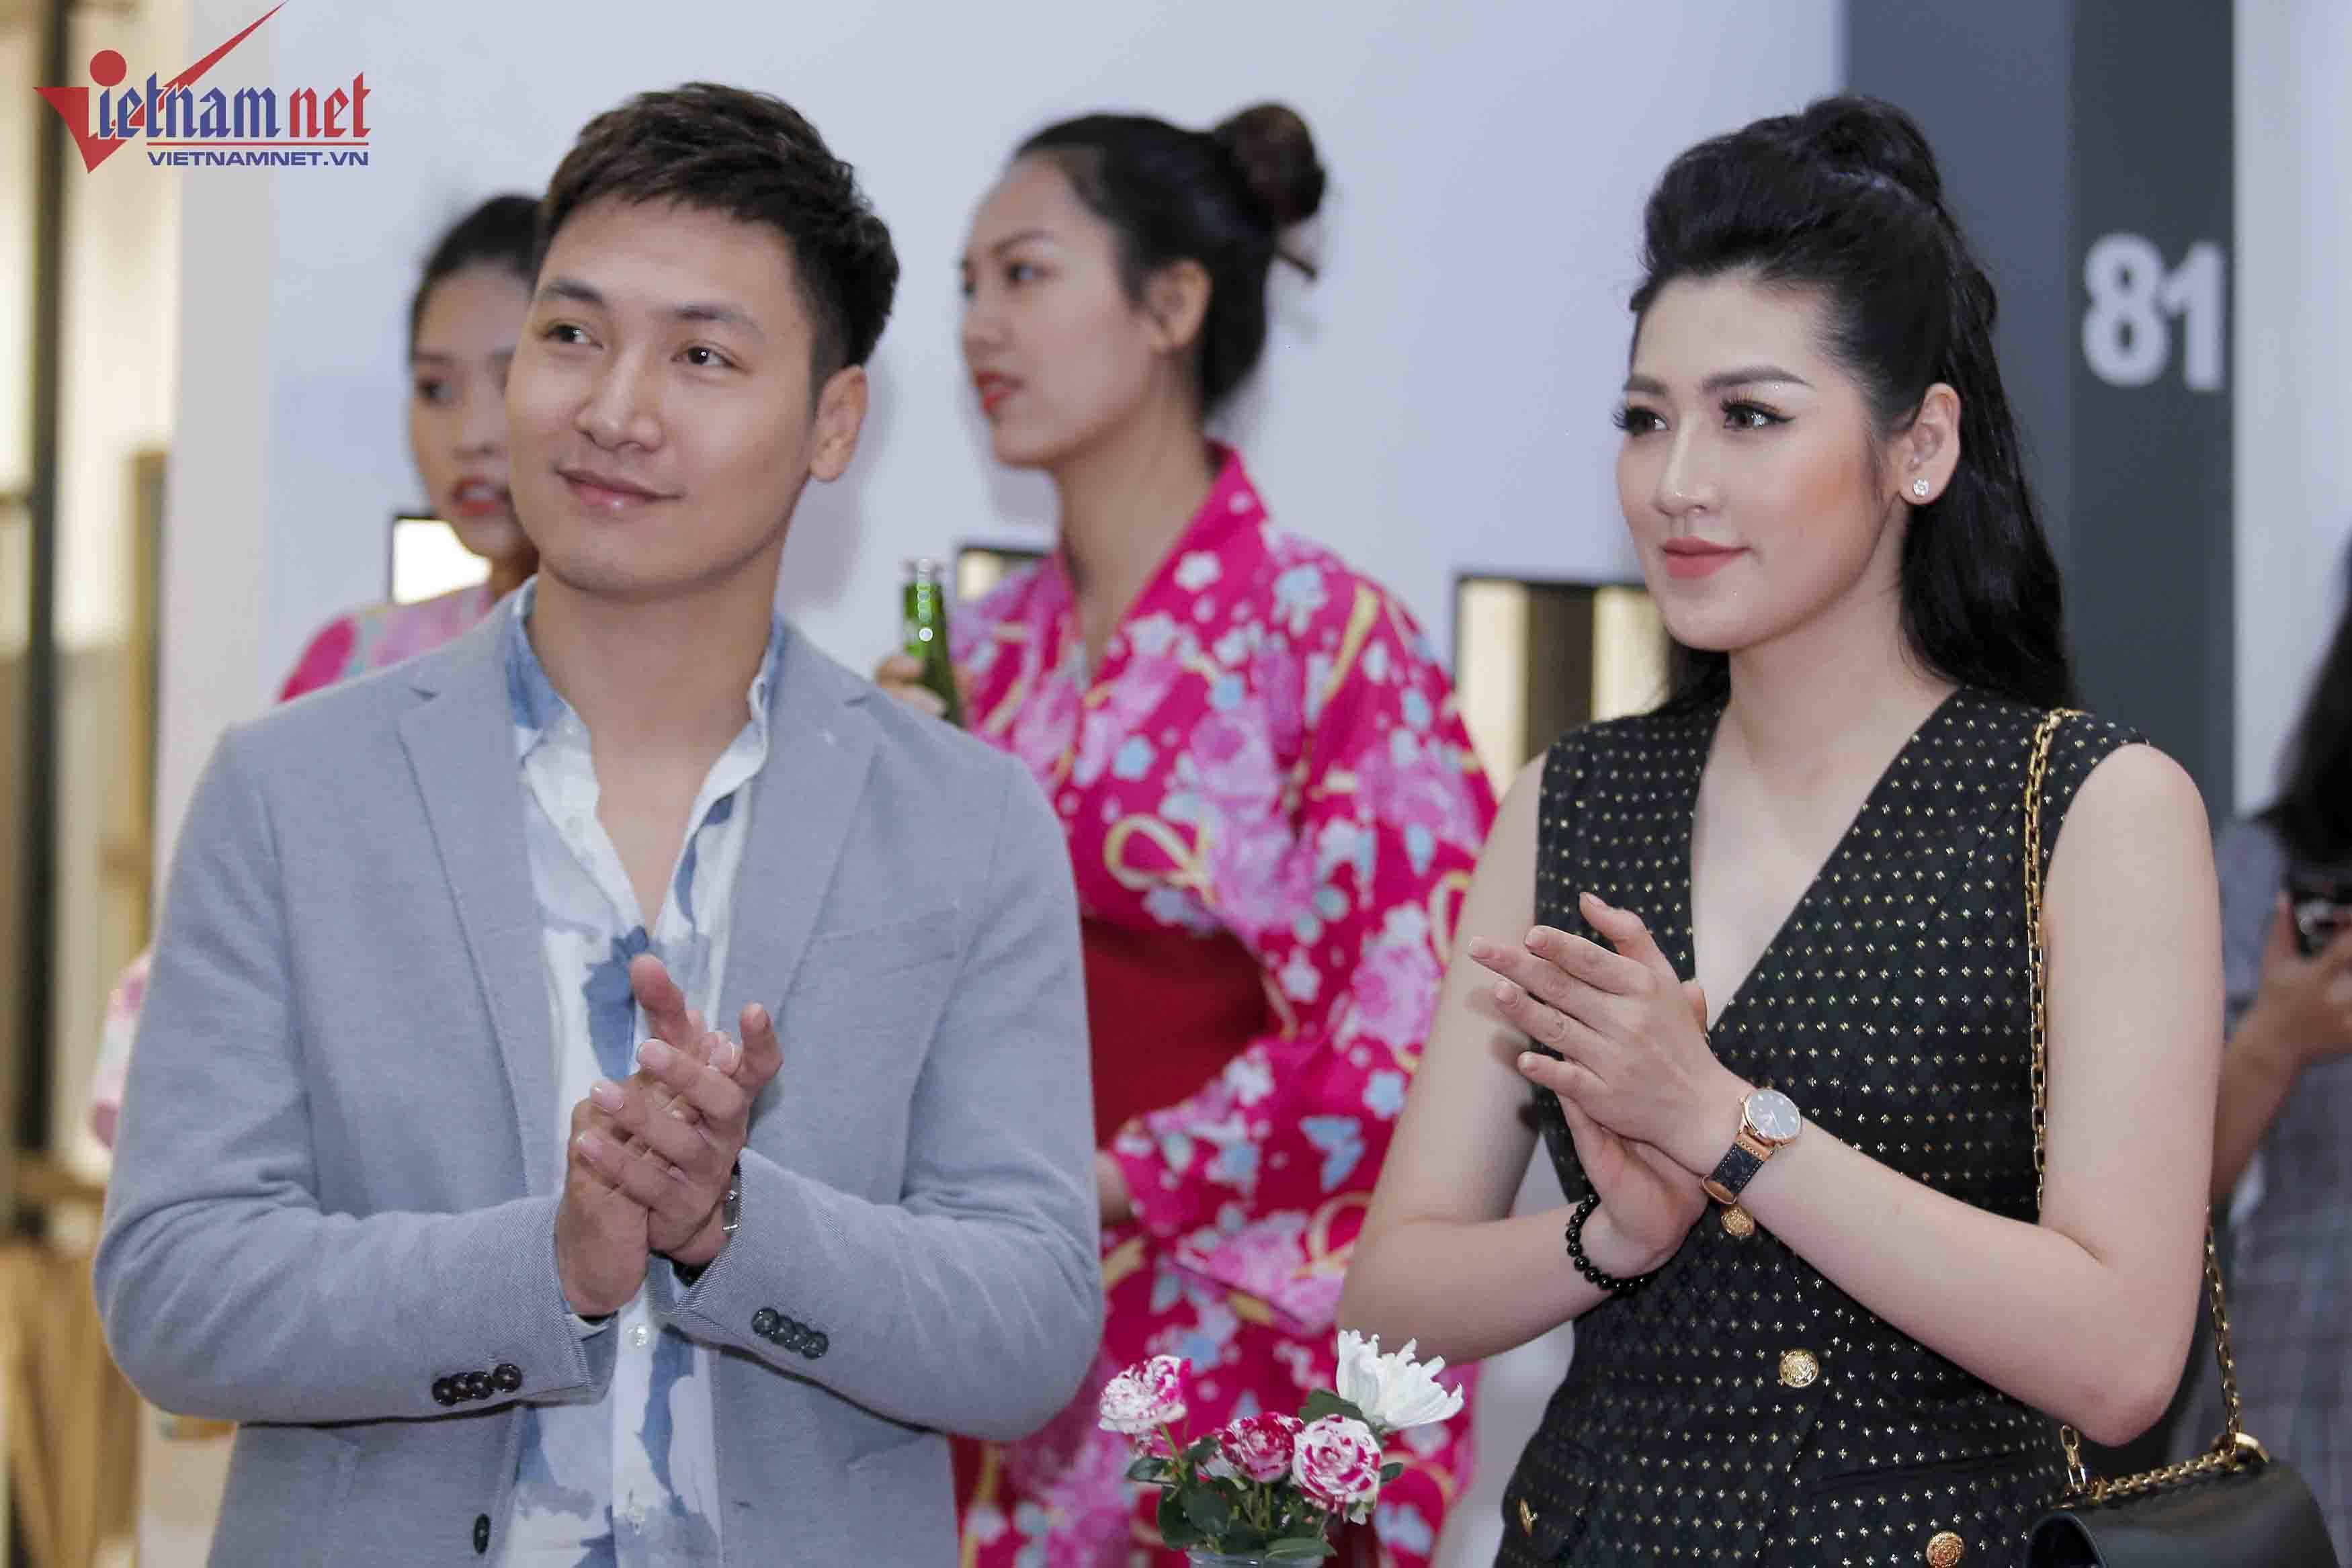 Á hậu Tú Anh lần đầu dự sự kiện sau khi rời VTV